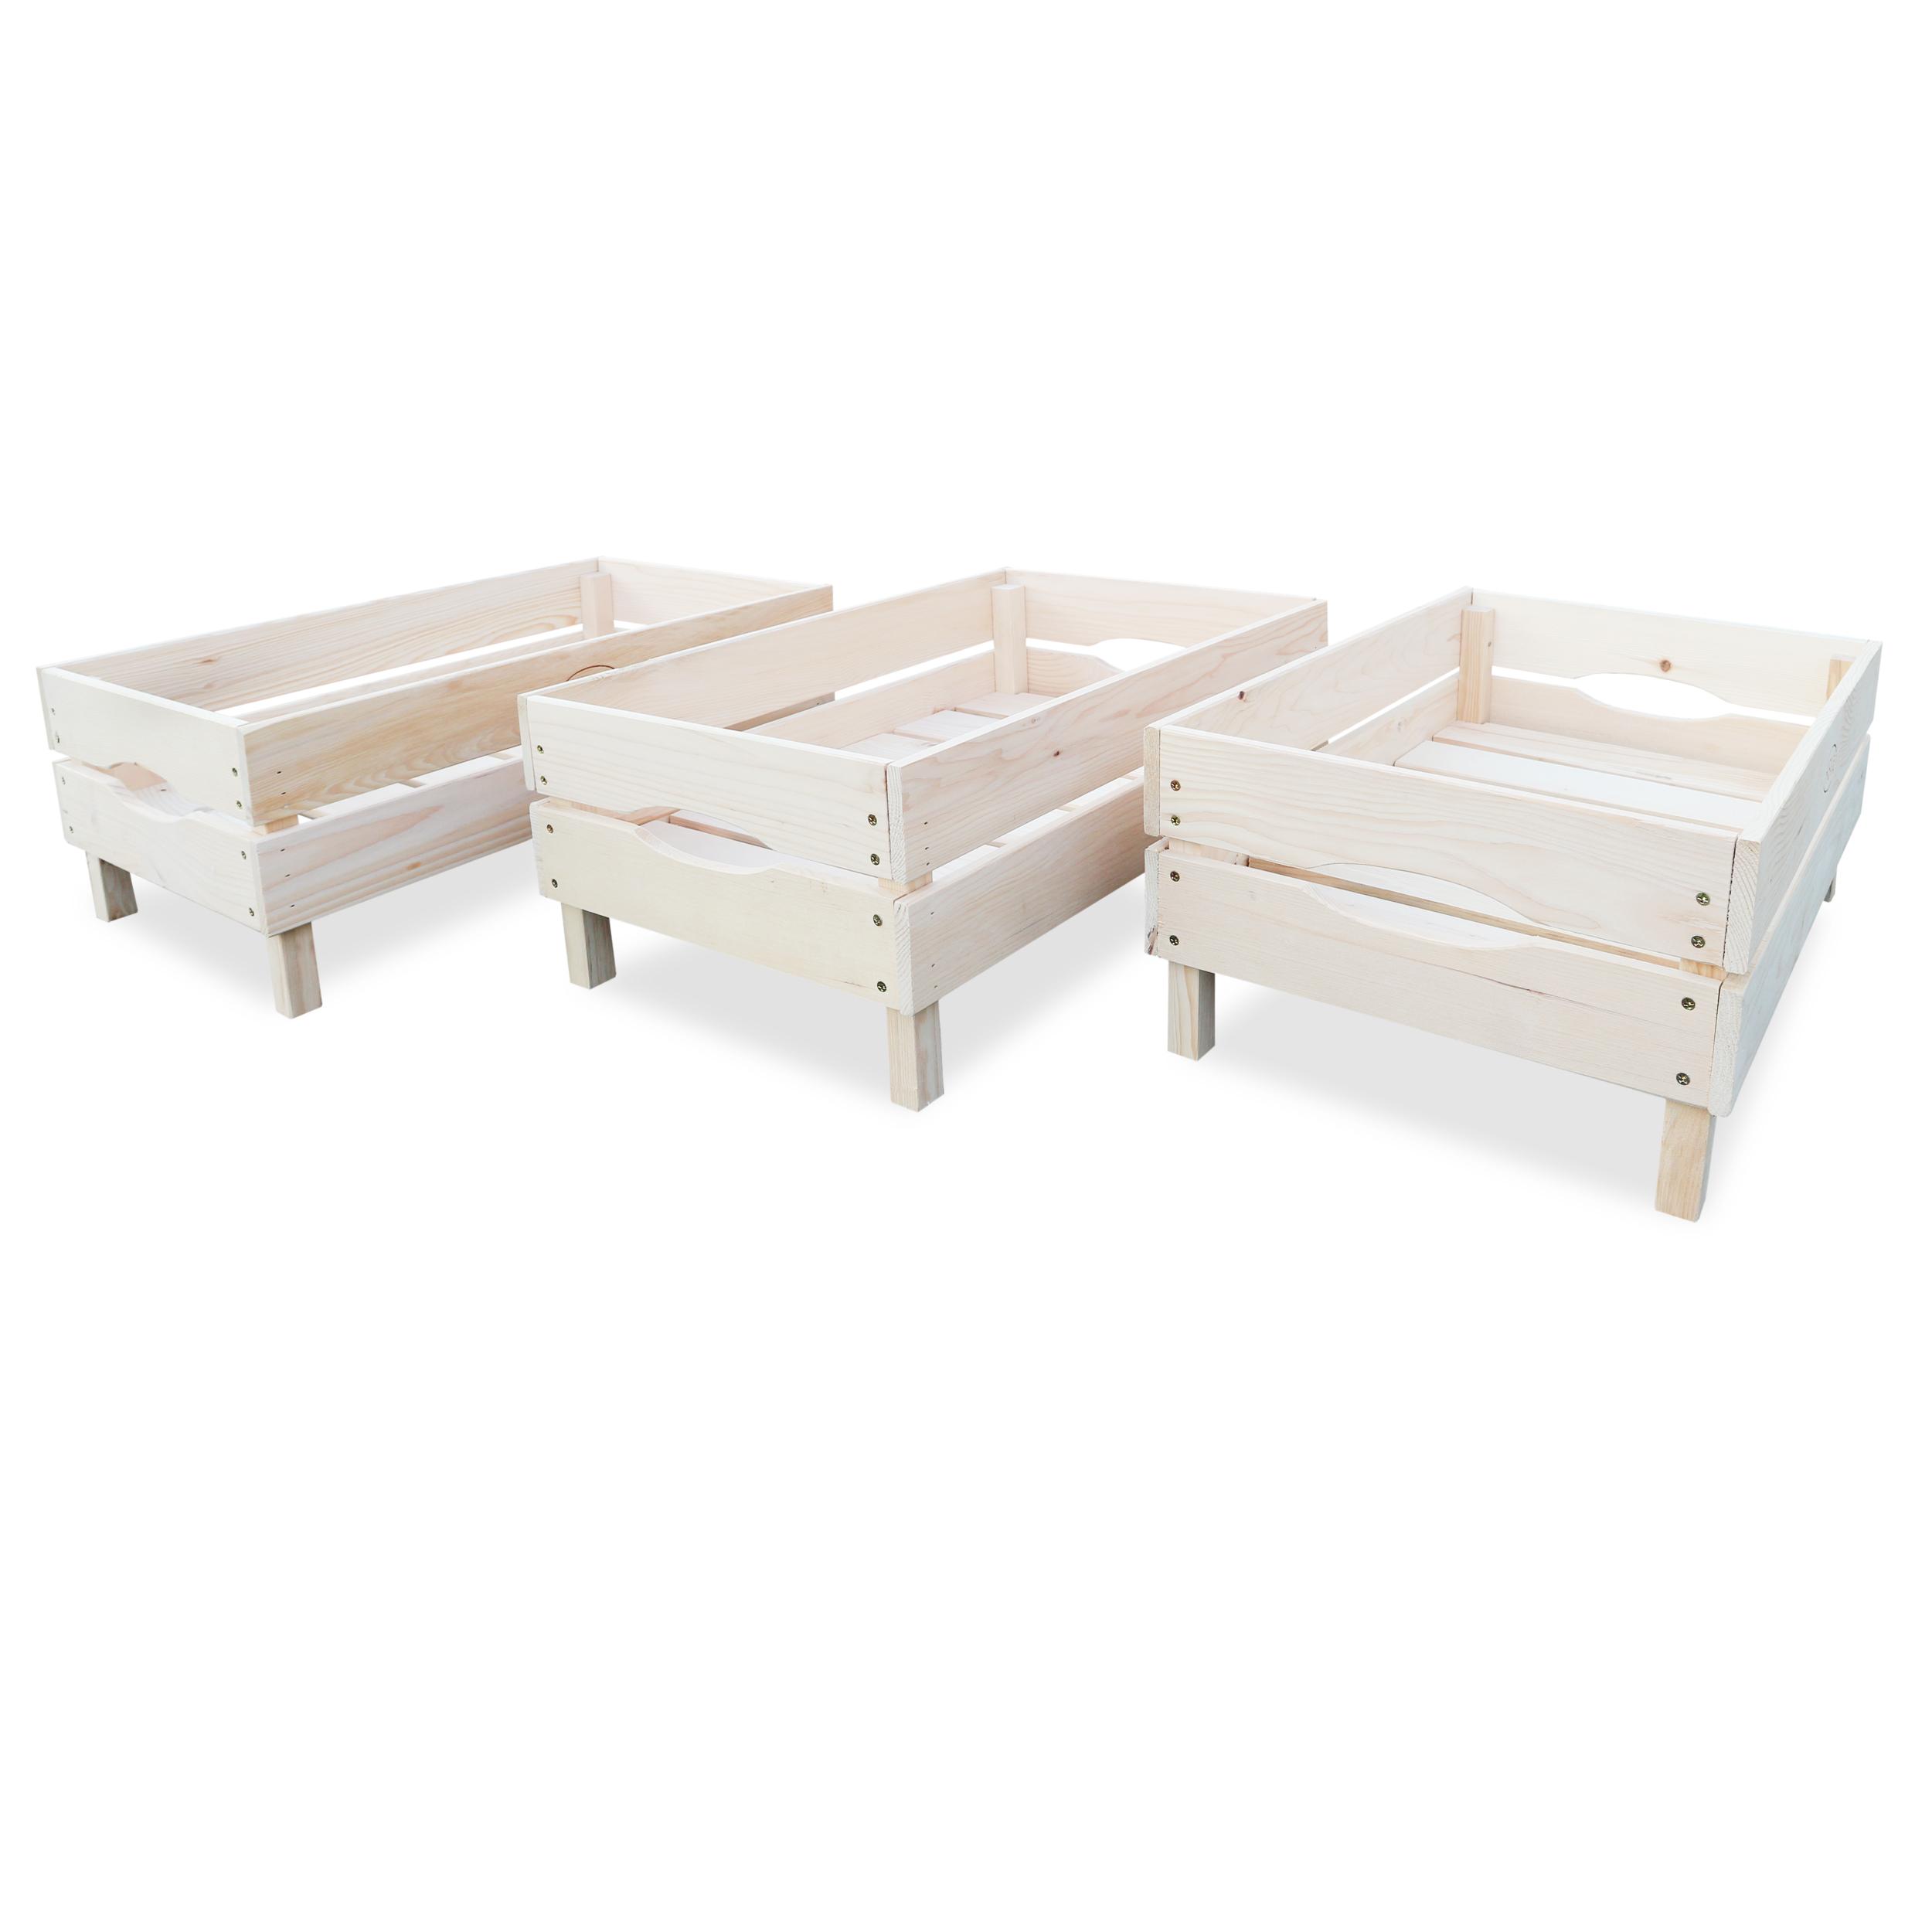 HABAU Holzkiste für Obst und Gemüse im 3er Set, nebeneinander